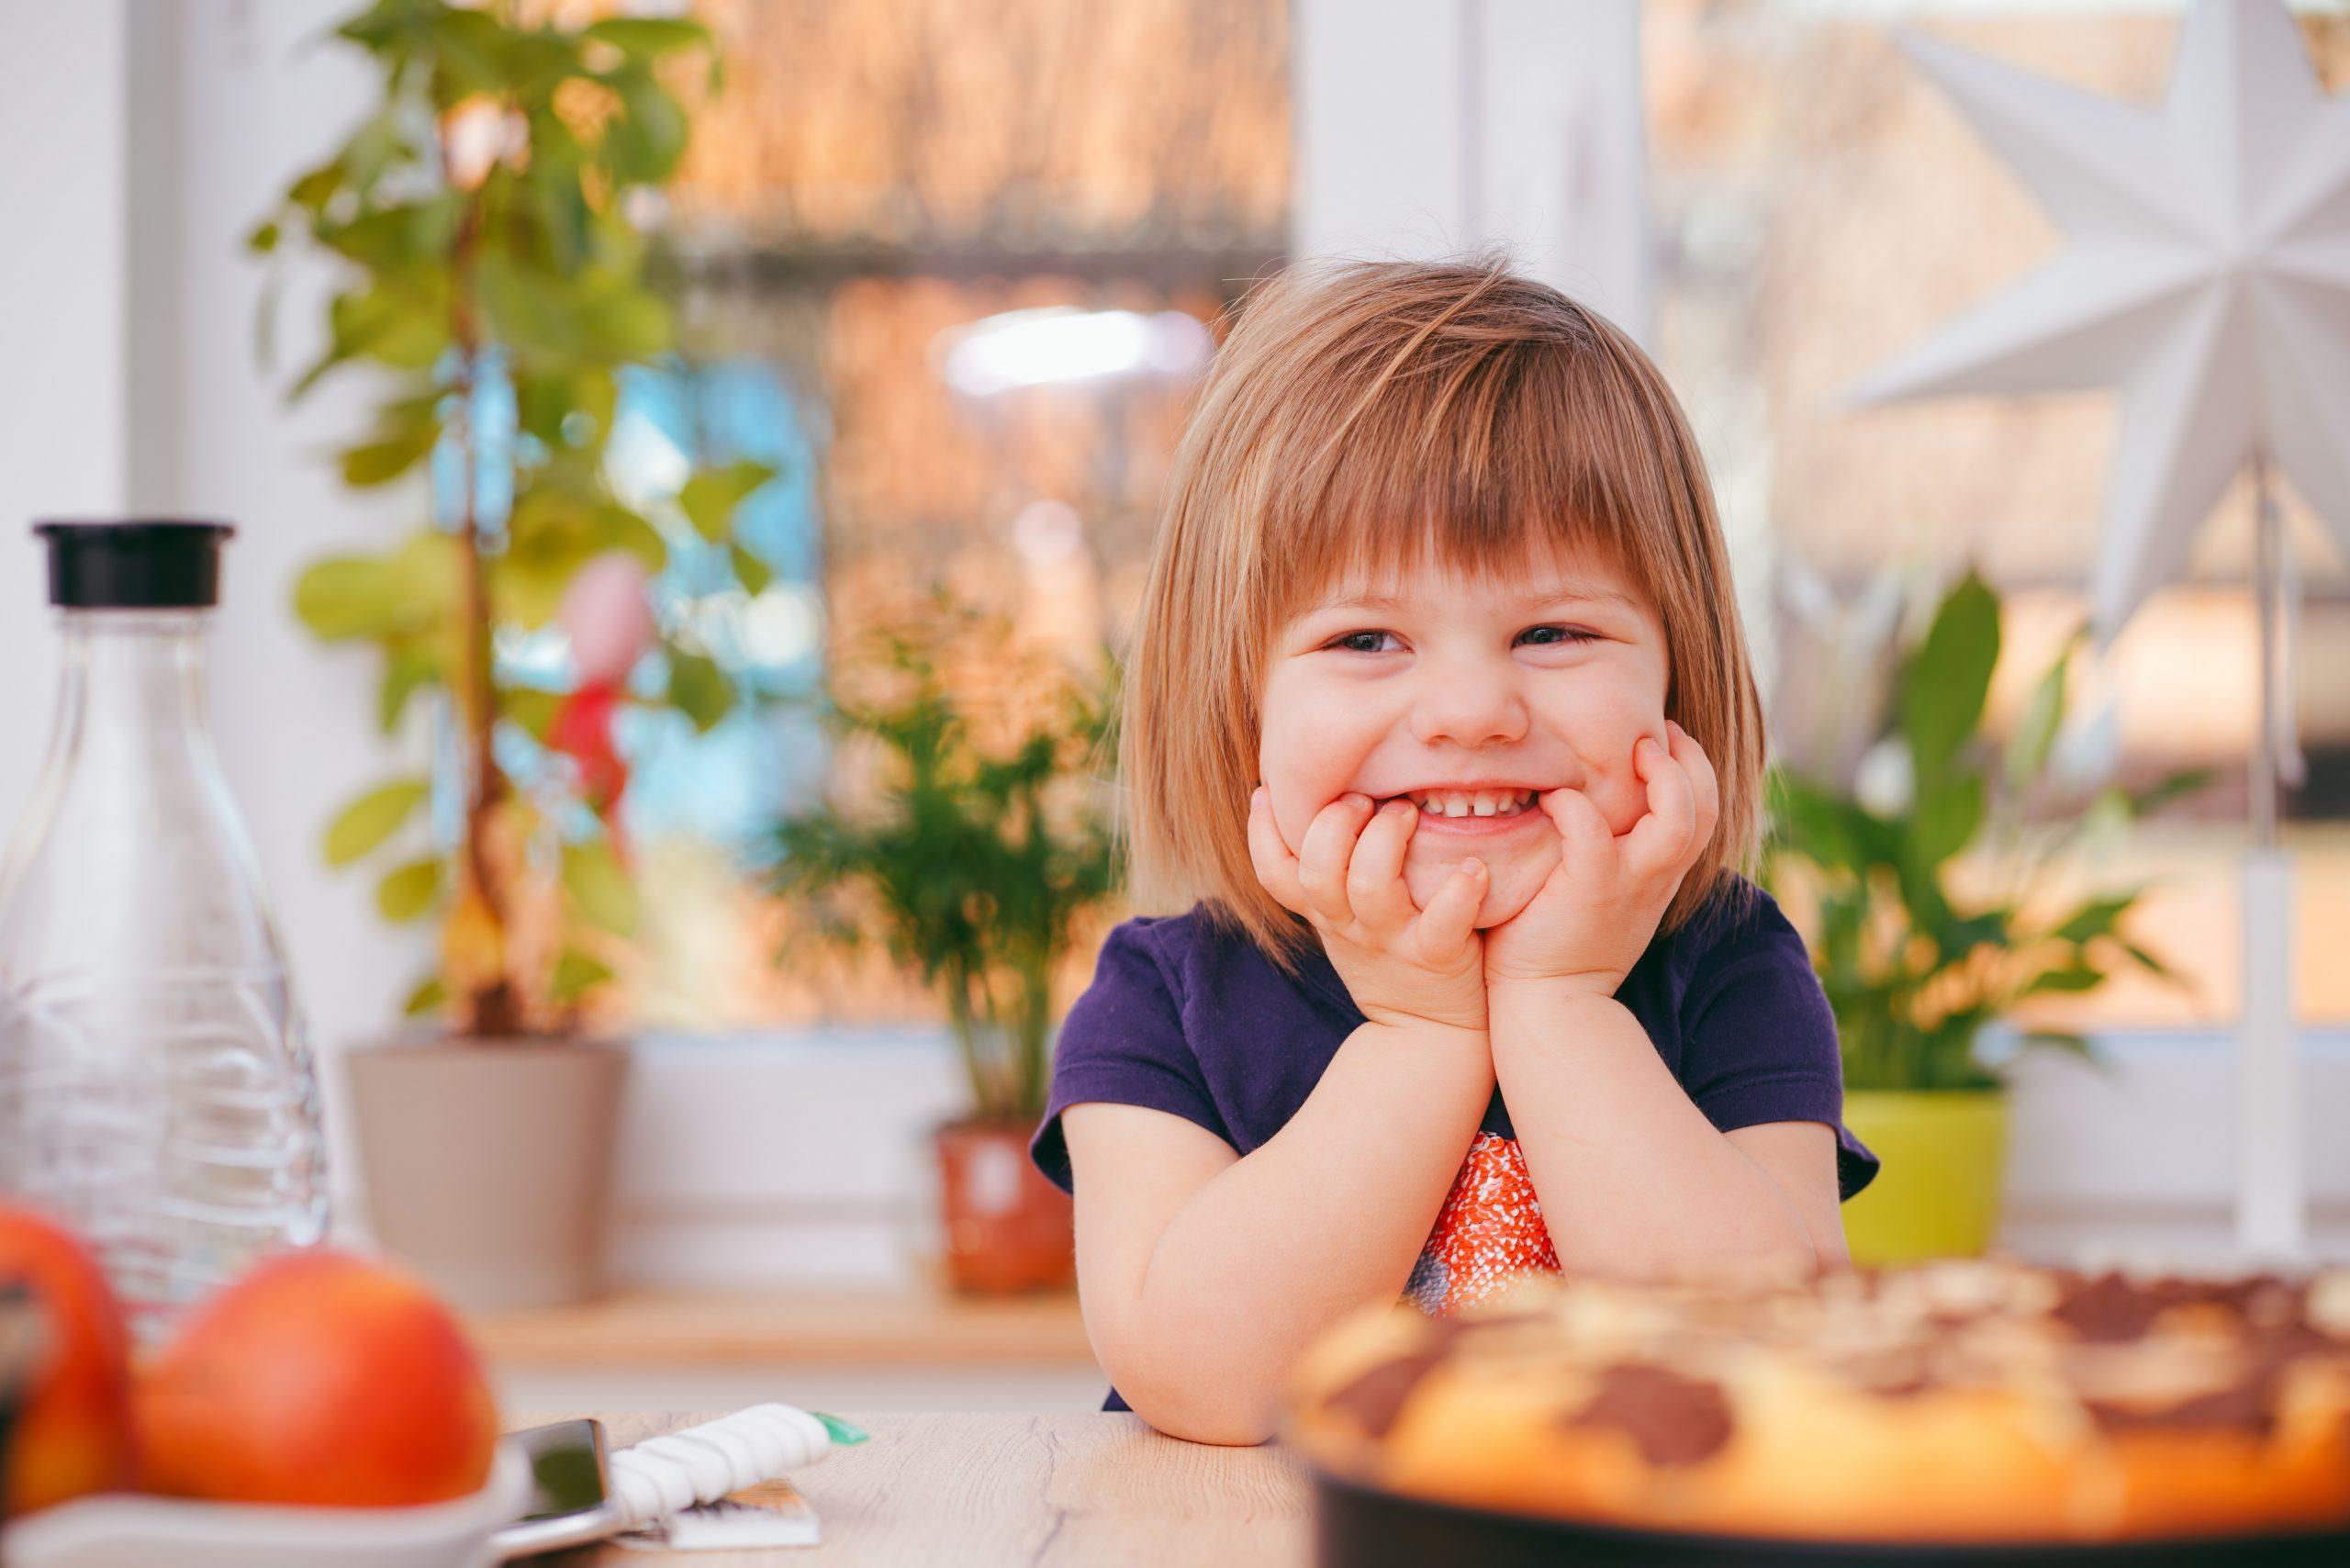 Los niños con amigos imaginarios son más creativos